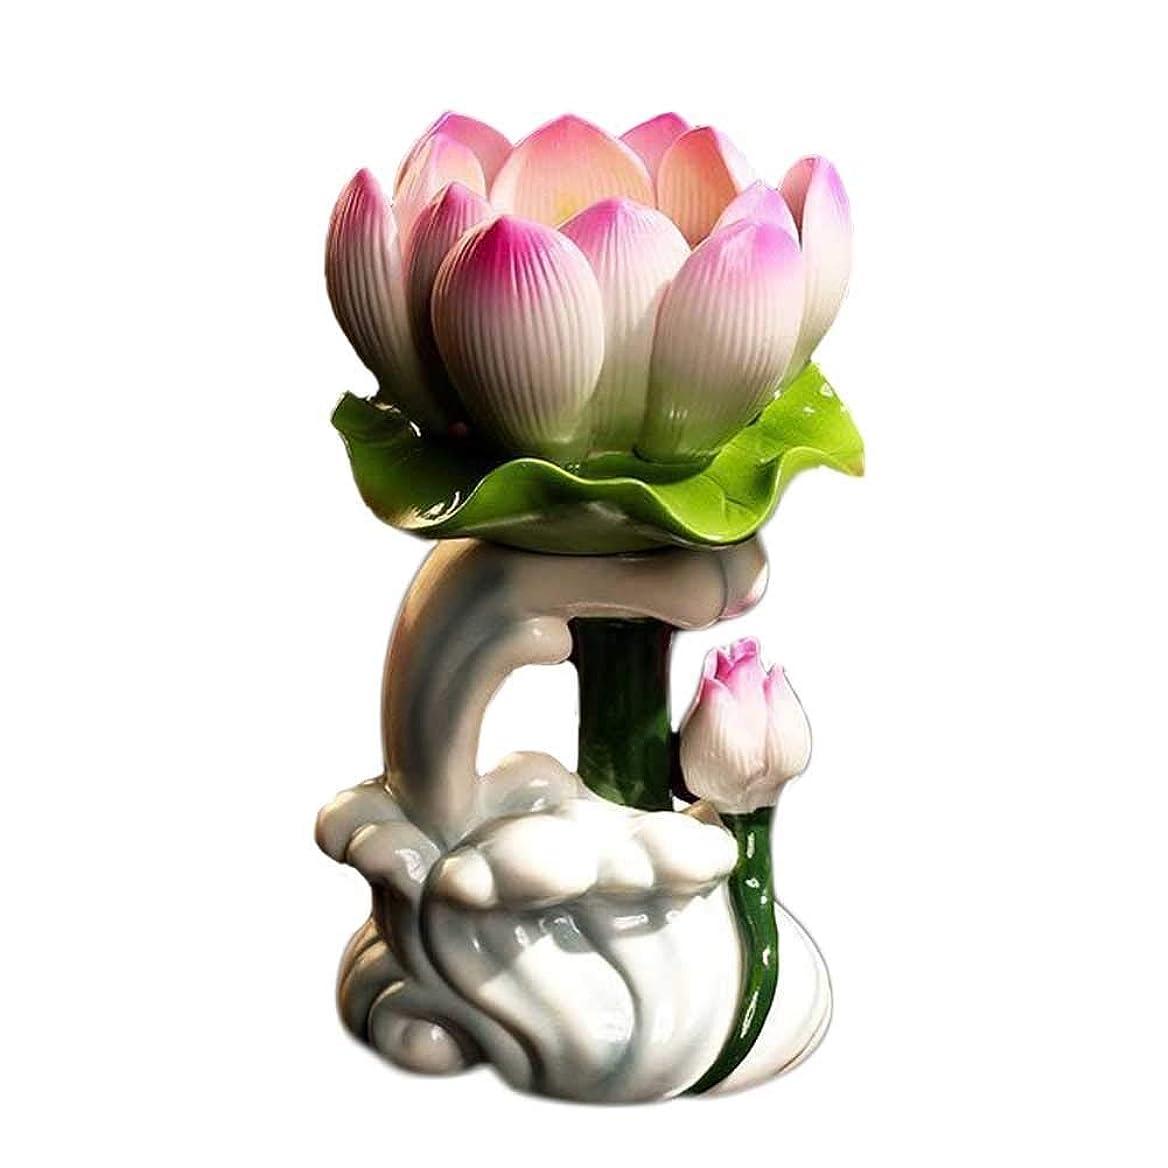 全滅させるメダル水曜日燭台 仏セラミックキャンドルランプホルダーロングランプホームの礼拝のための燭台水波ロータス